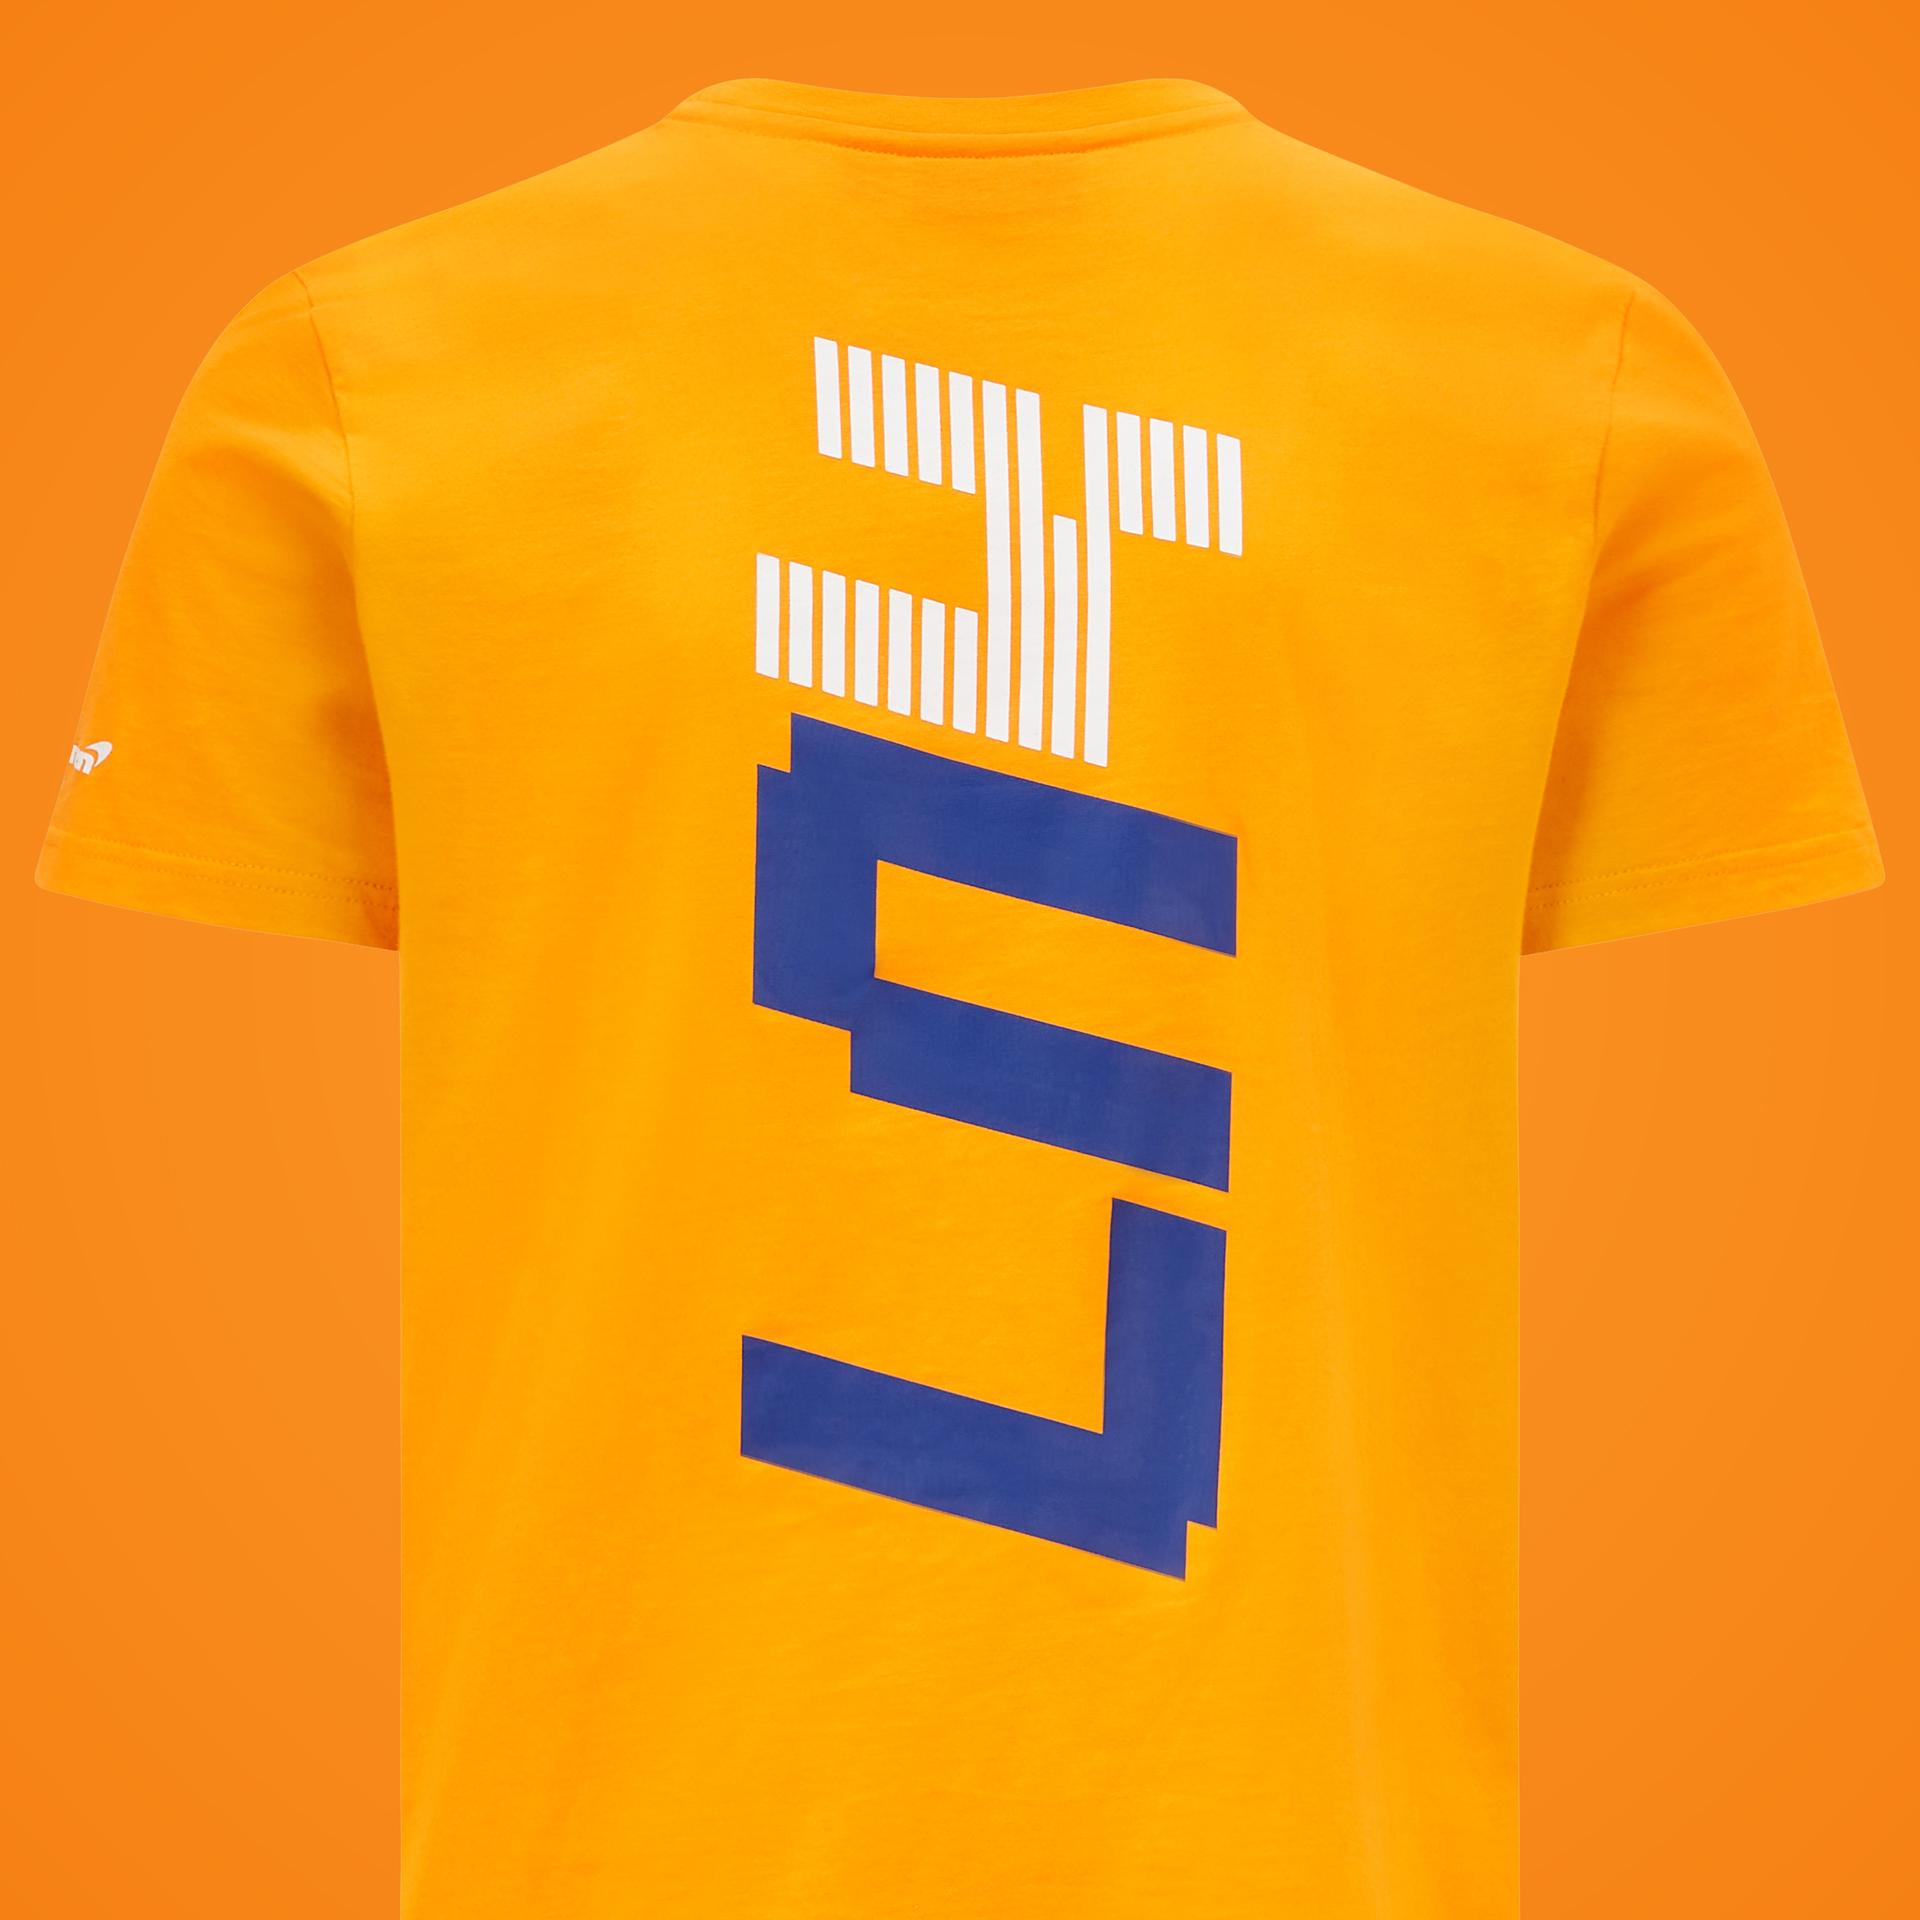 Lando Norris #4 T-Shirt